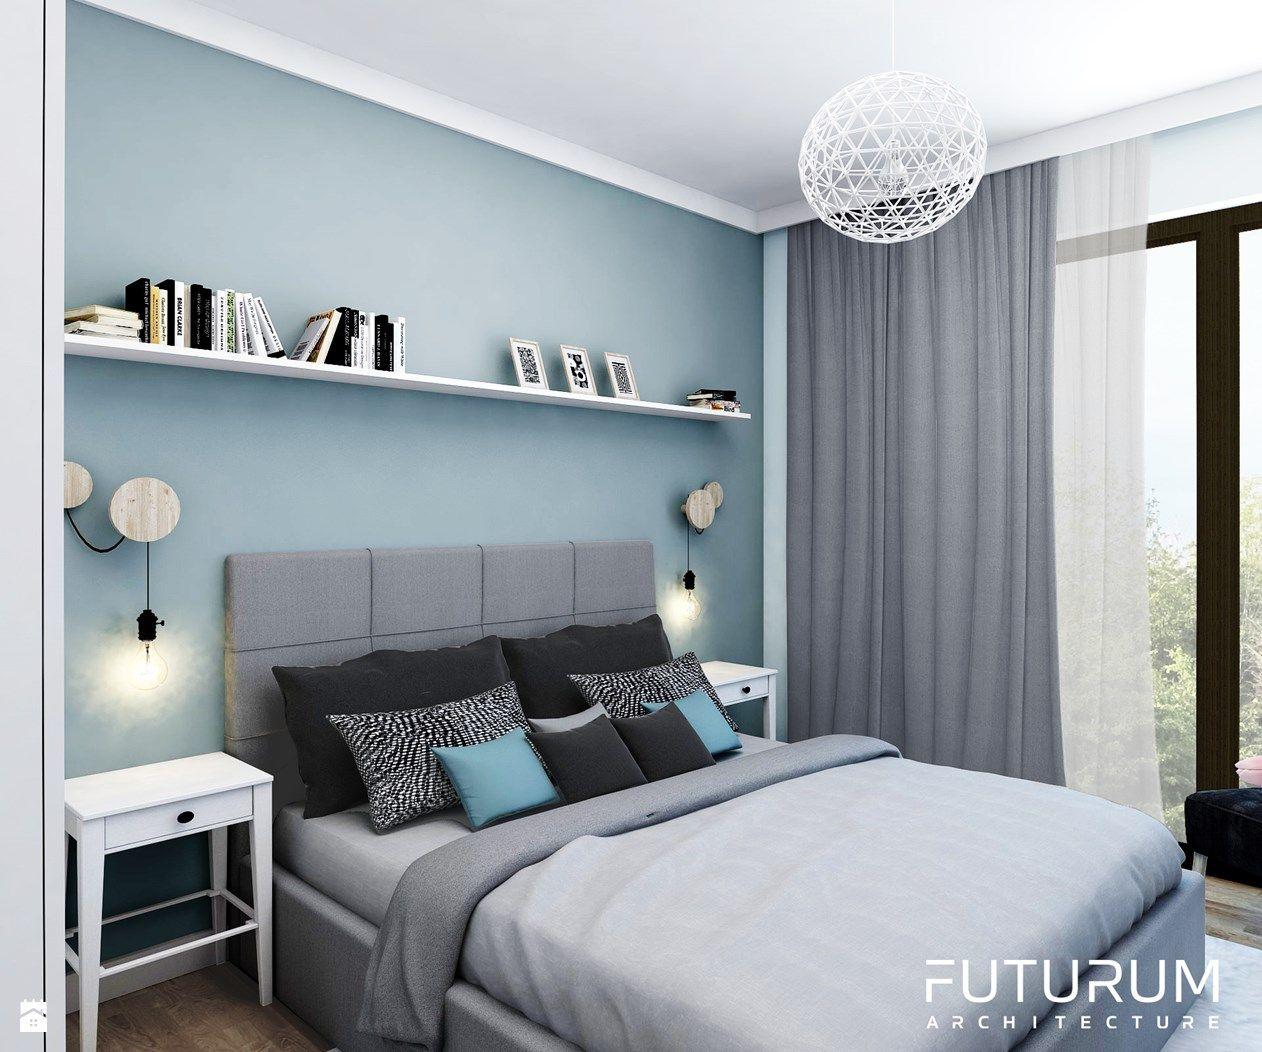 D Interiors Mała Sypialnia: Pomysły Na Aranżacje